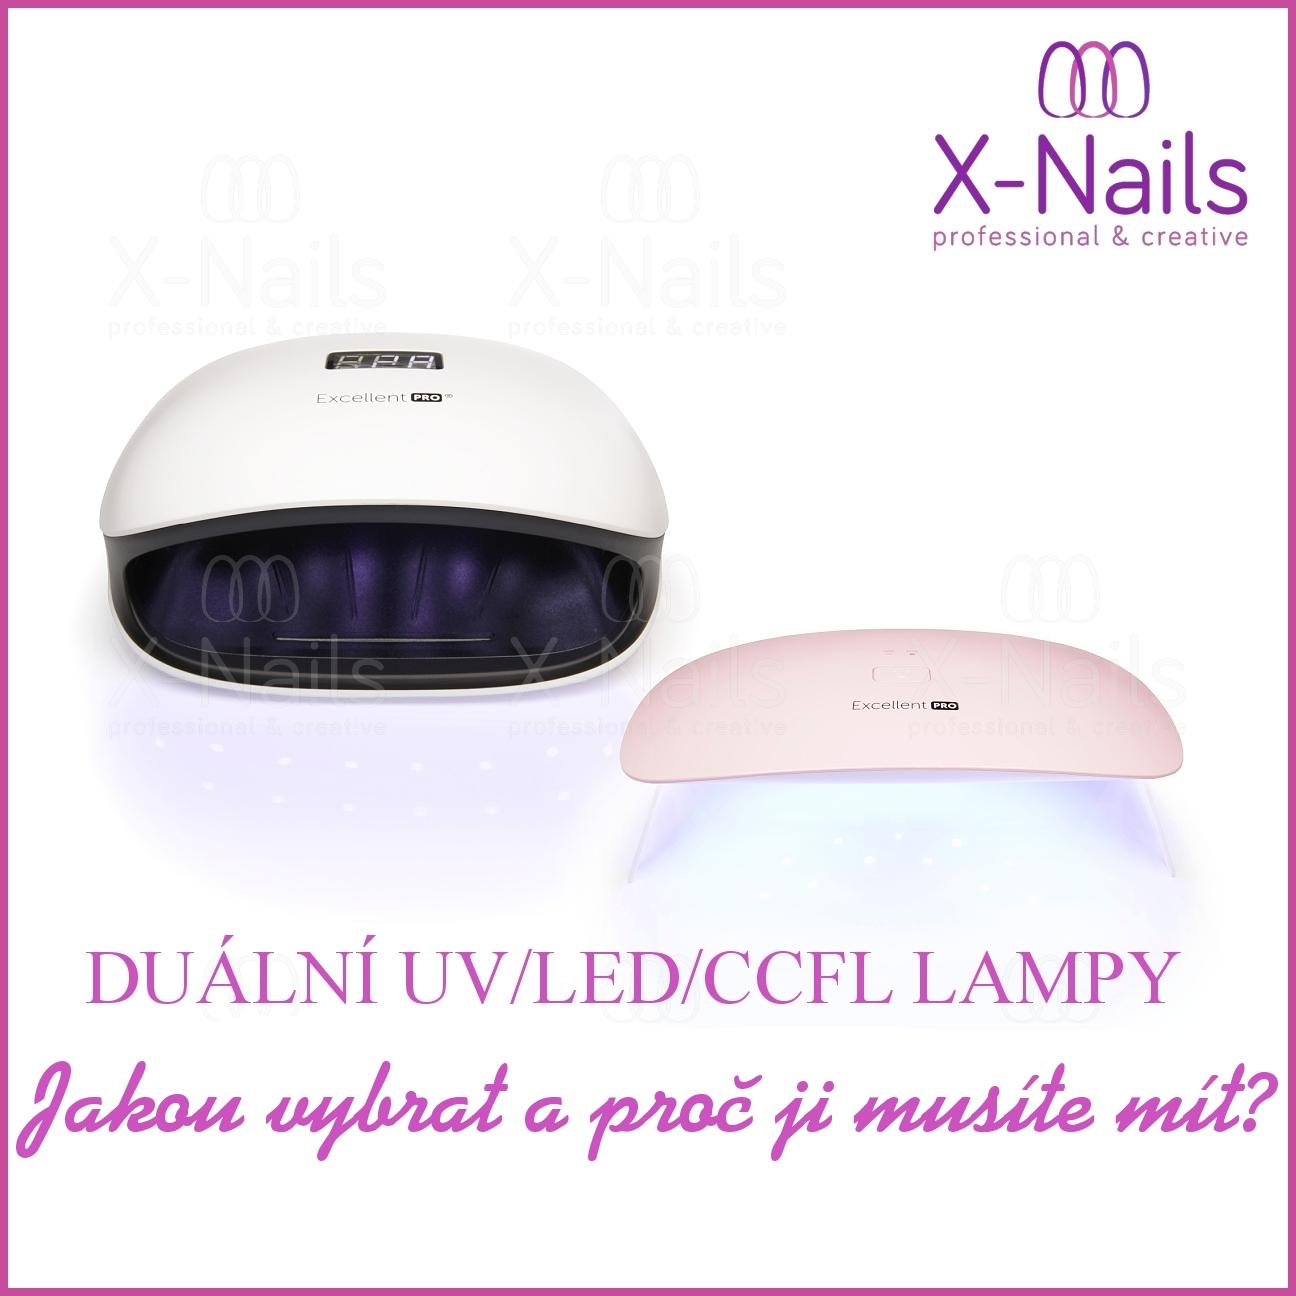 Duální UV/LED/CCFL lampy na nehty. Výkonné lampy za skvělé ceny!